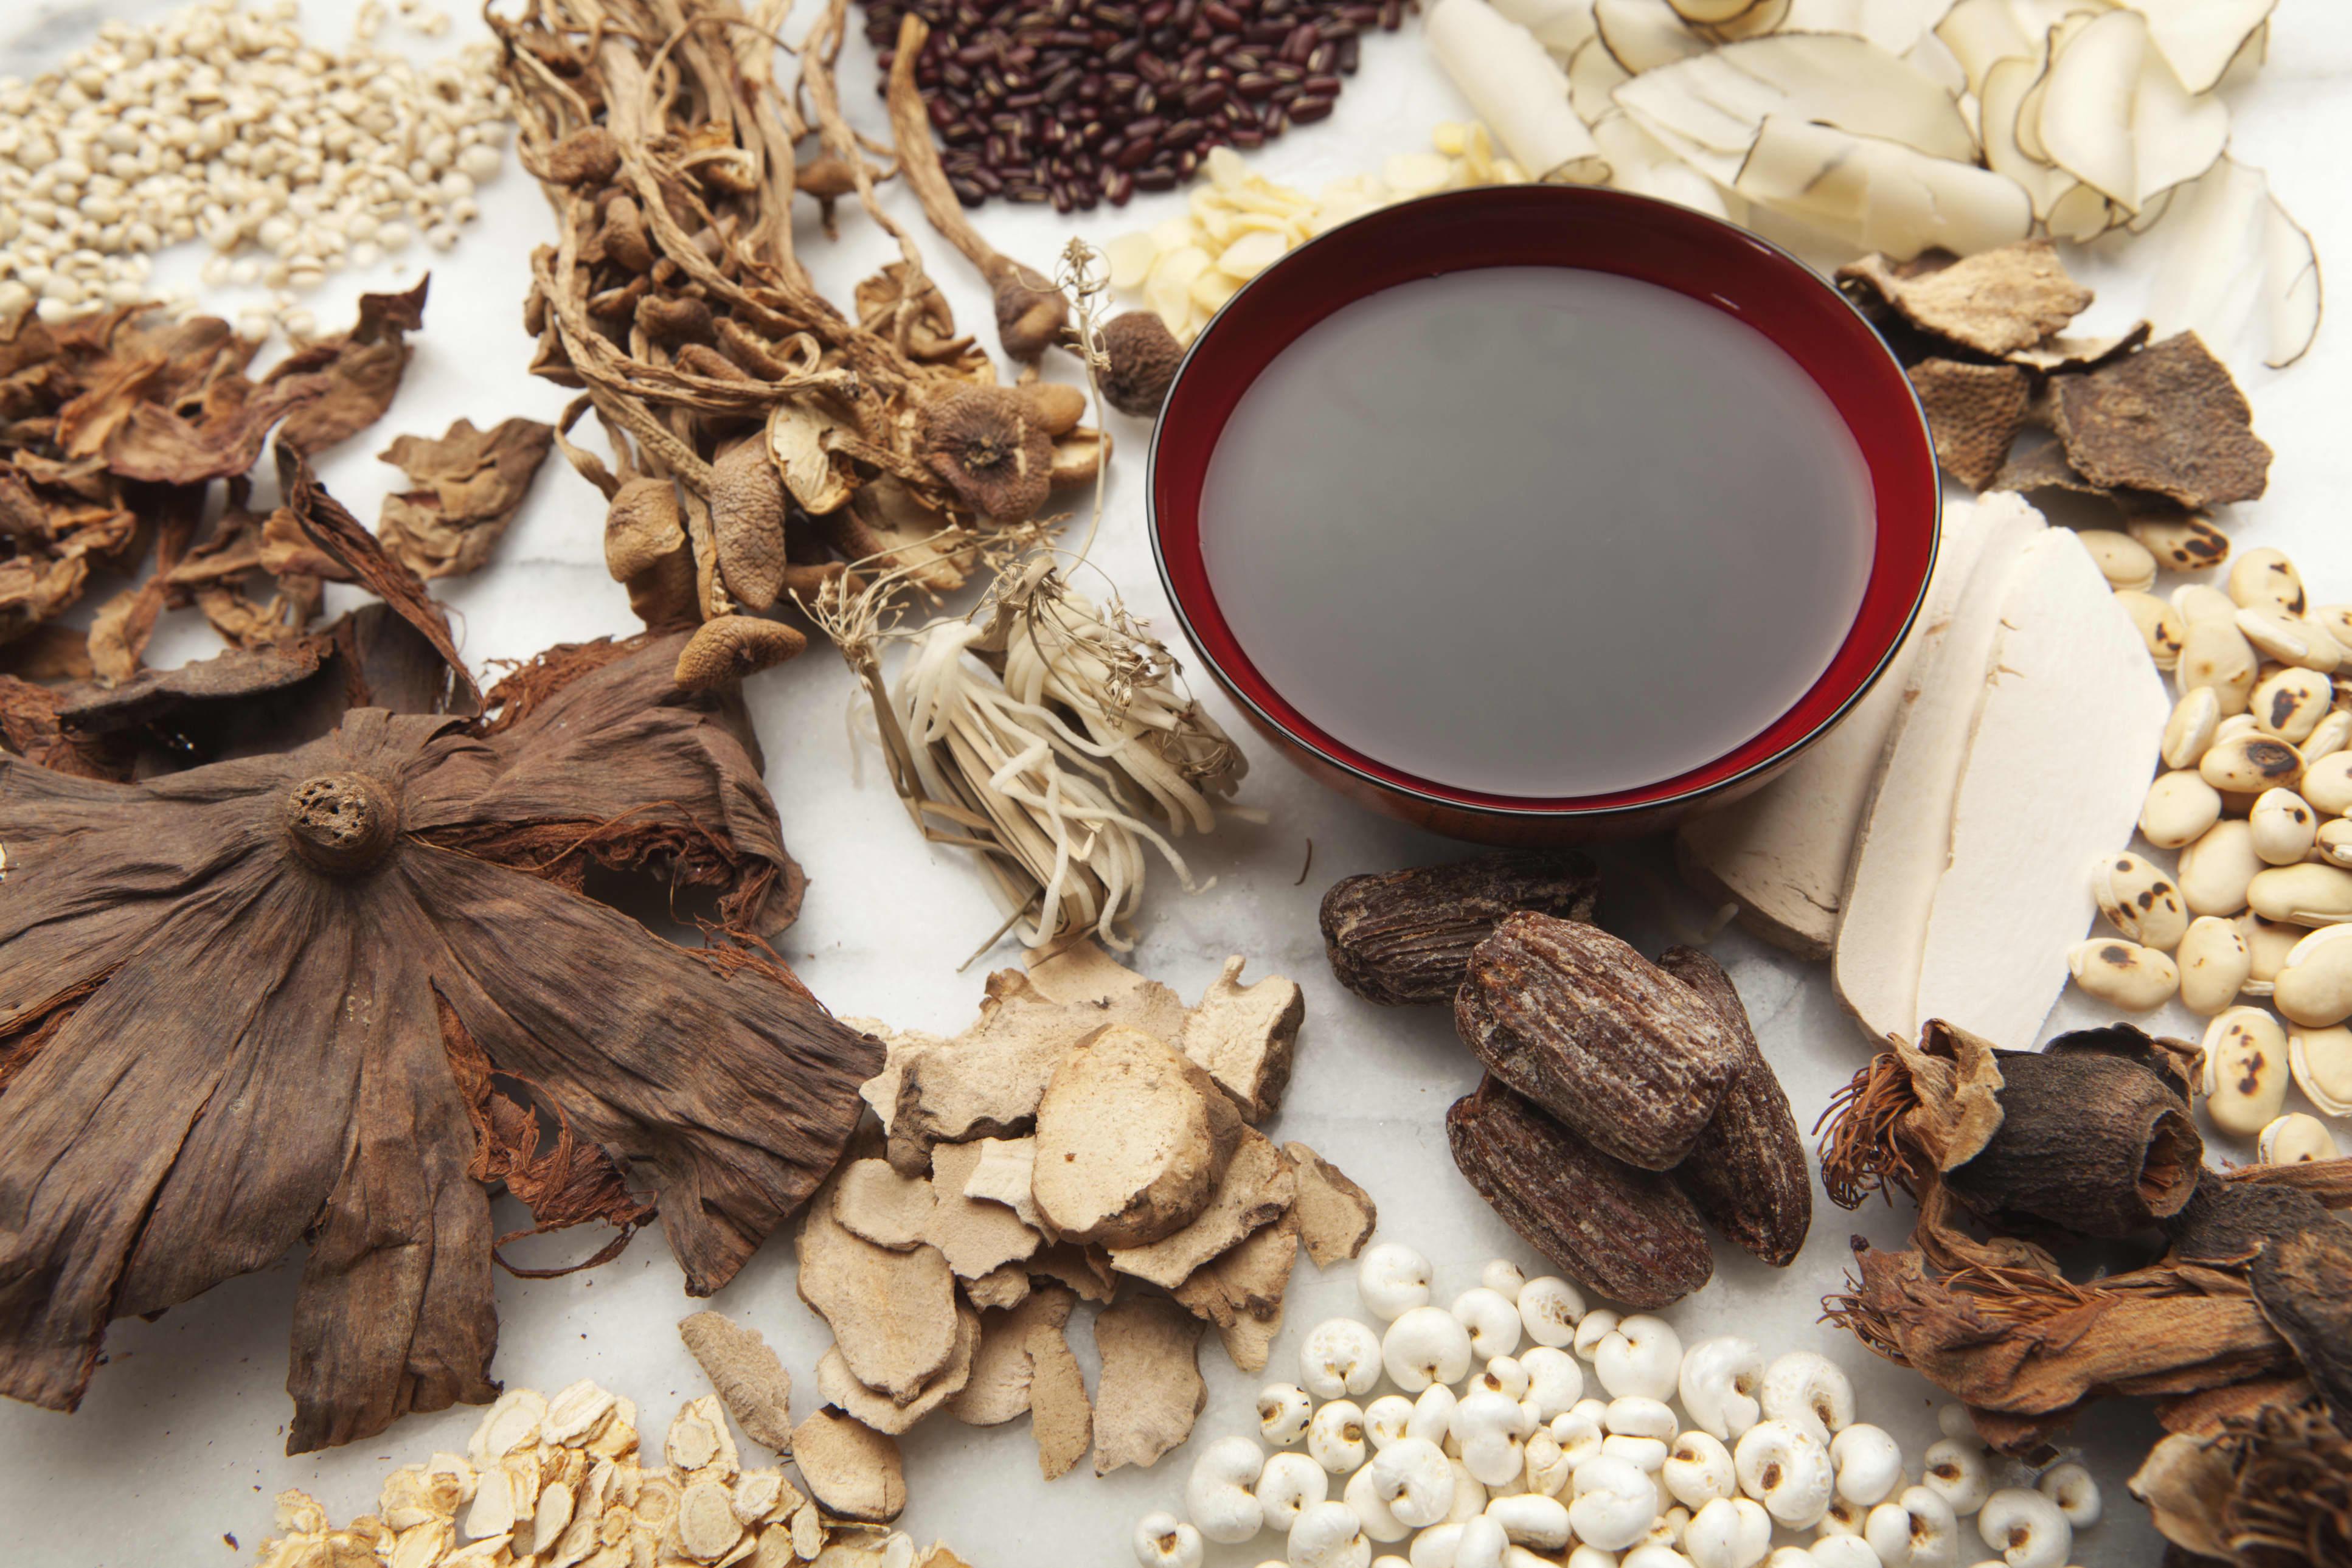 British herbal medicine association - British Herbal Medicine Association 78